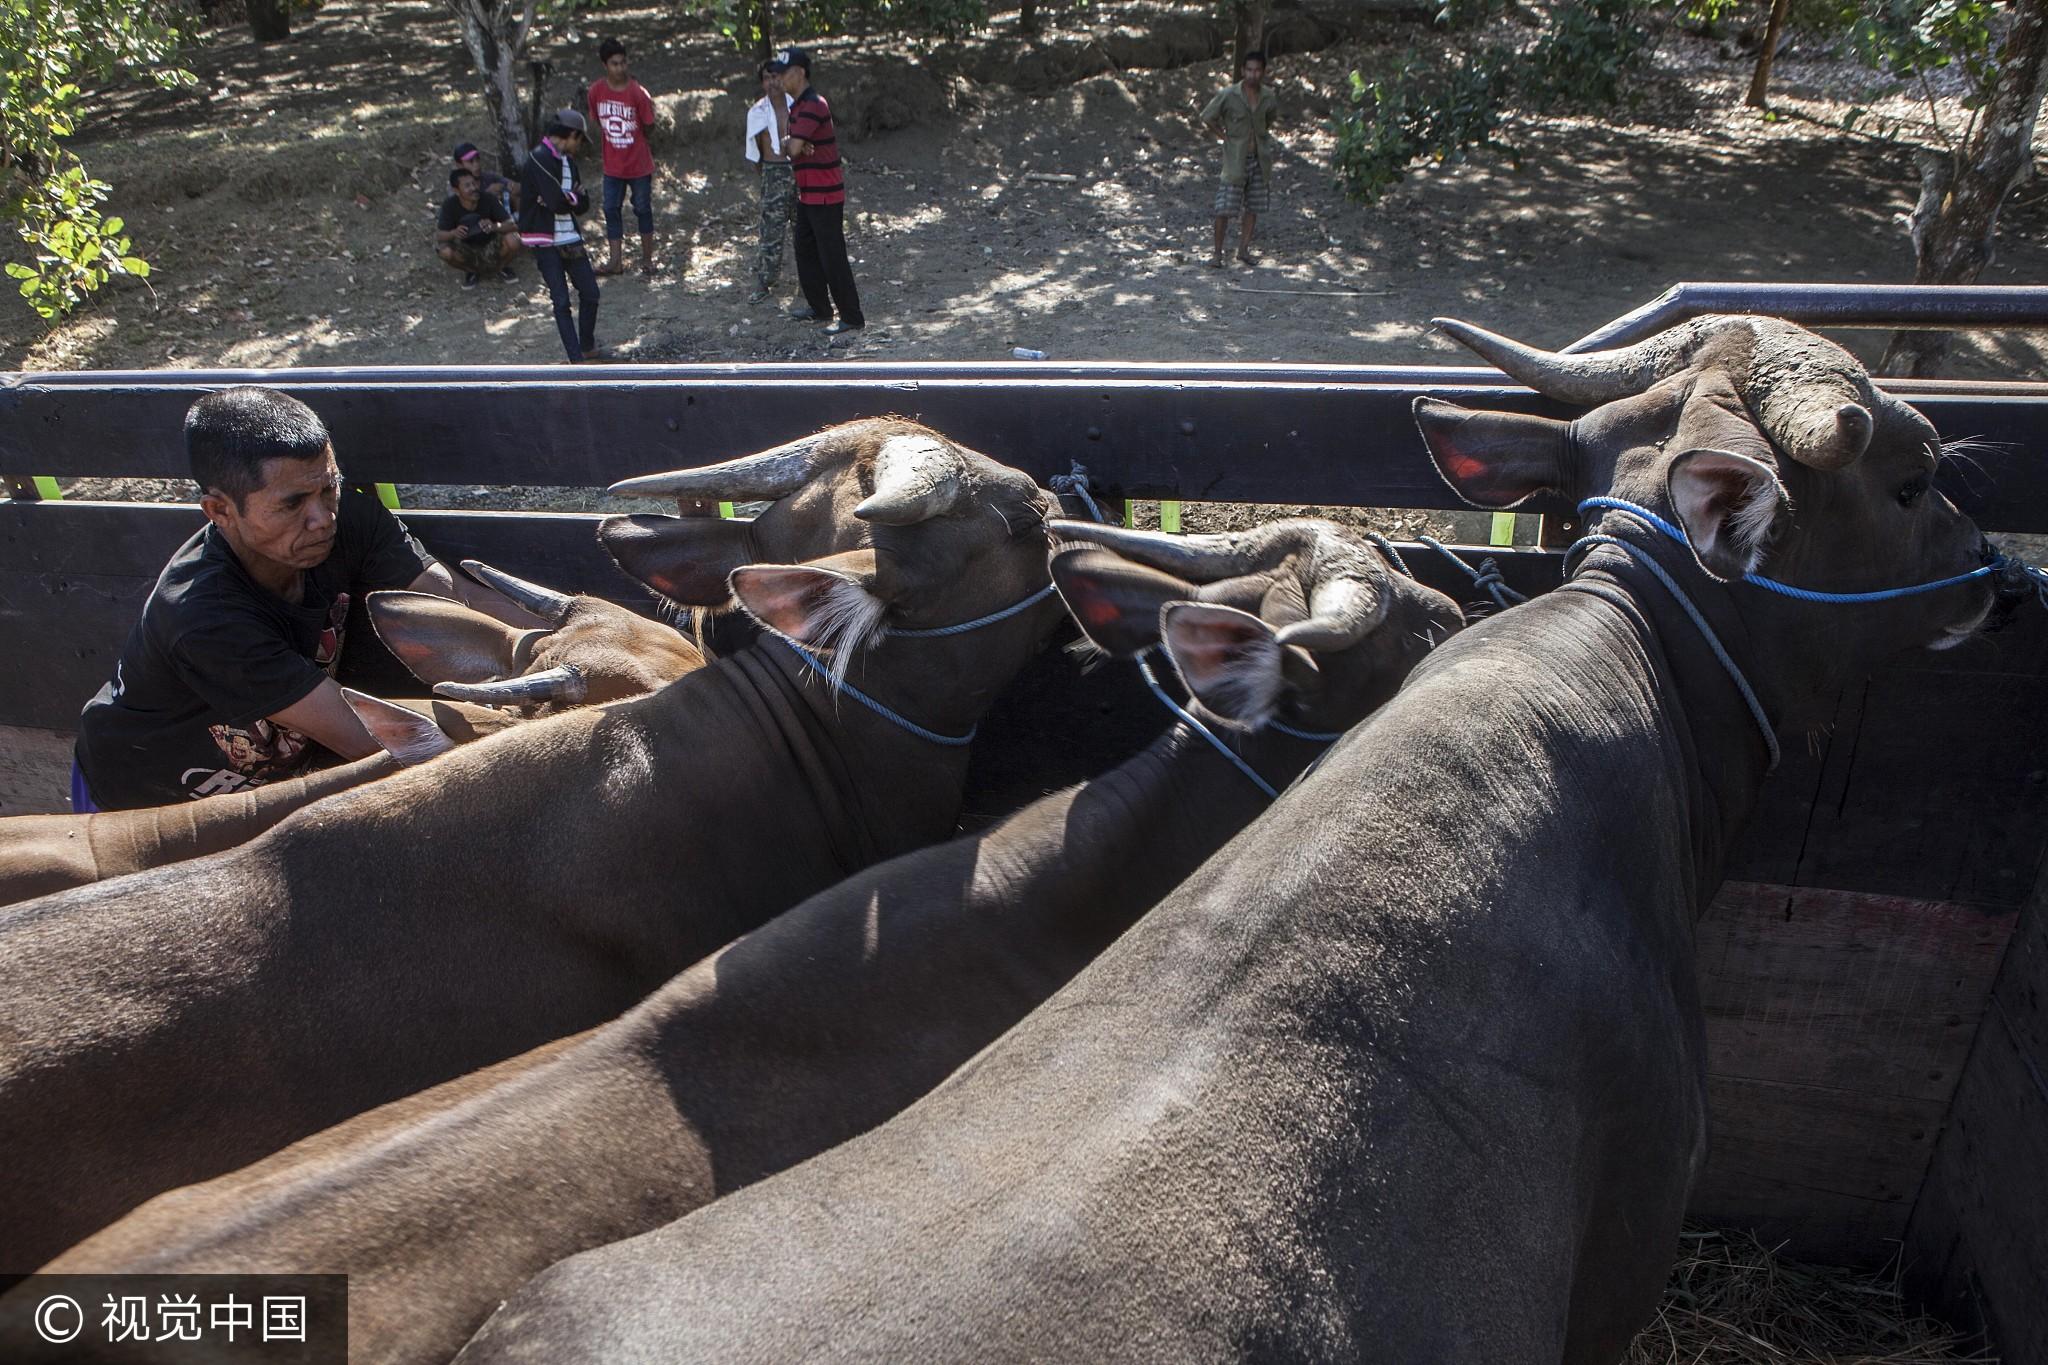 当地时间2017年9月28日,印尼巴厘岛卡朗阿森县,阿贡火山的警戒级别已提升至最高等级,村民转移家禽家畜。据估计,处于火山危险区的大约有3万头牛。大约1万头牛被居民转移,剩下2万头亟待被转移出火山红区。